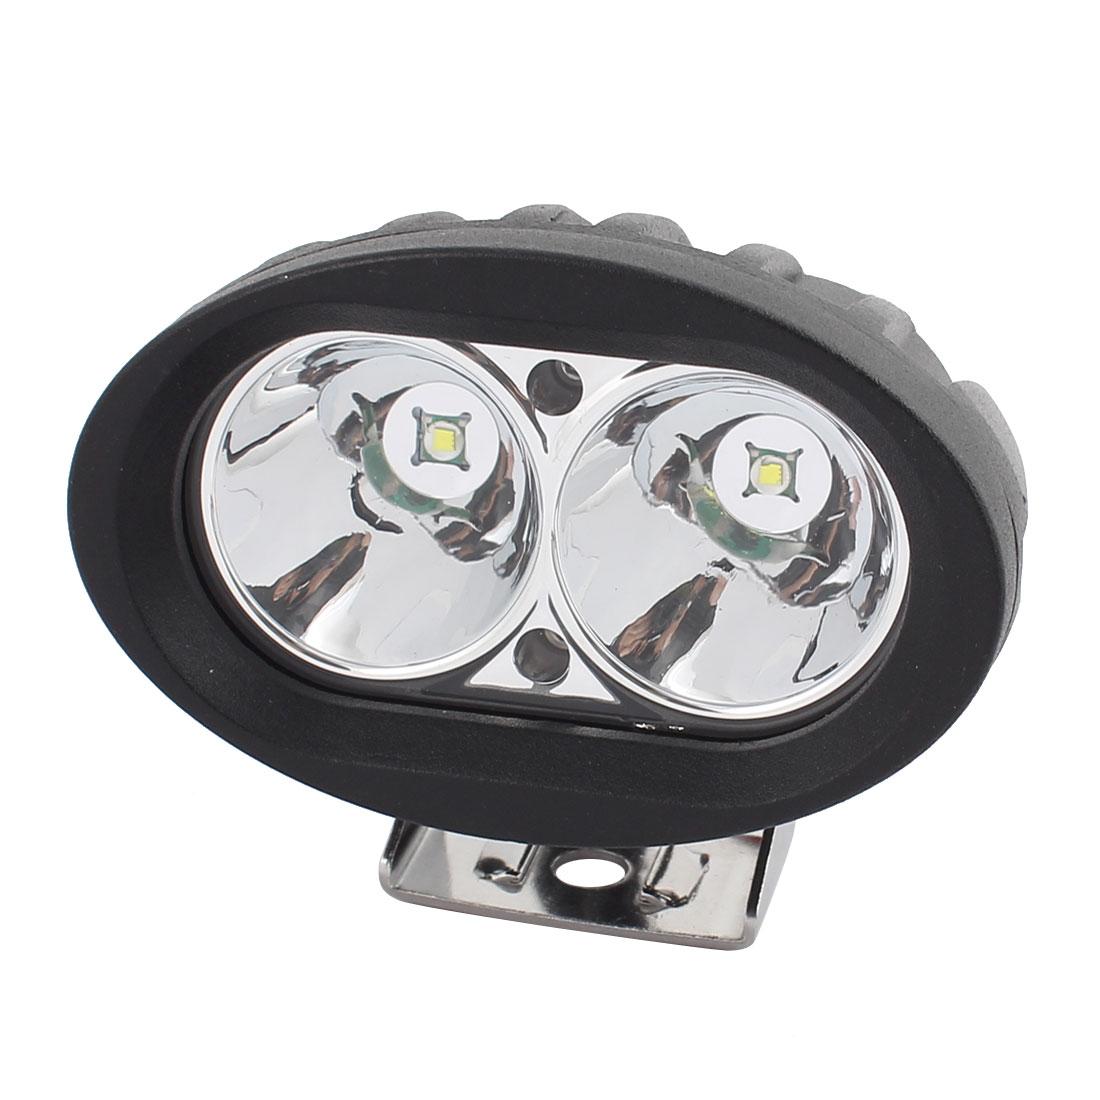 20W DC 10V-30V 2 LED Bulb Spotlight Working Lamp for Truck Car Hall Lighting